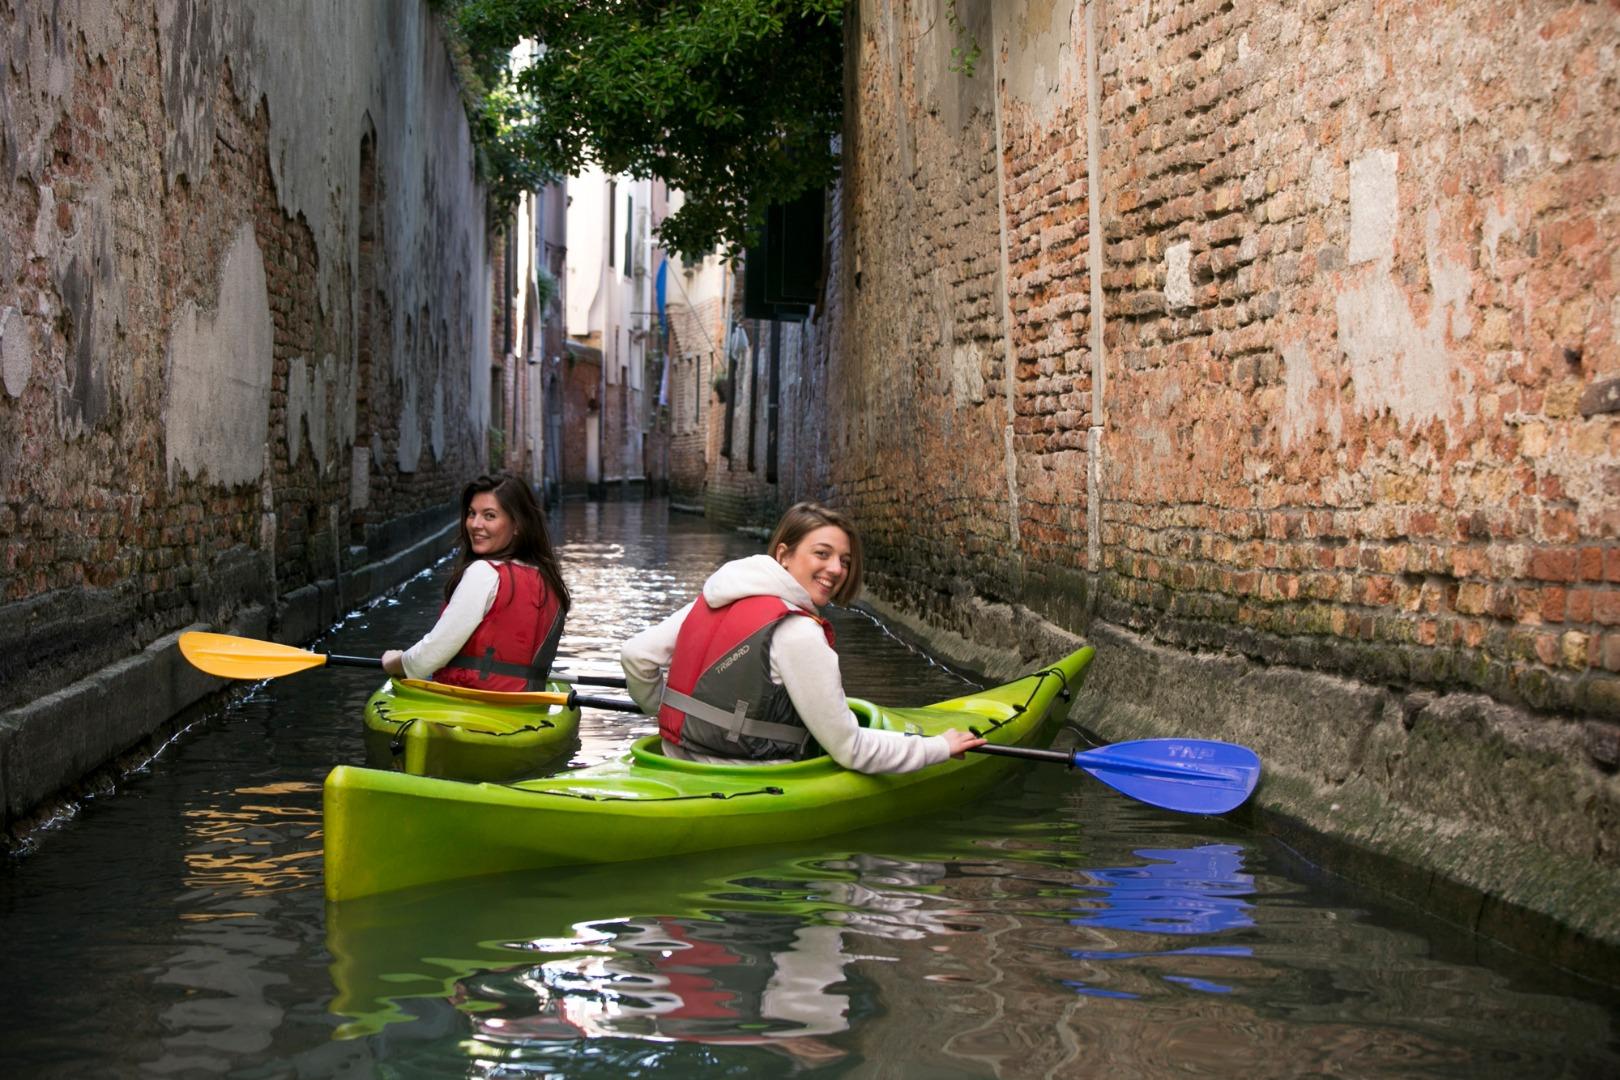 Una delle tante attività lagunari proposte a Venezia dal portale VivoVenetia